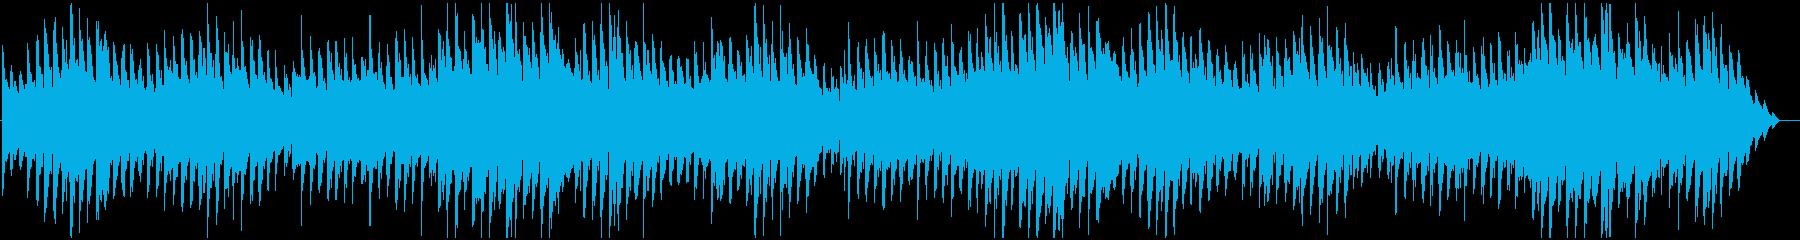 不気味な雰囲気のピアノの再生済みの波形